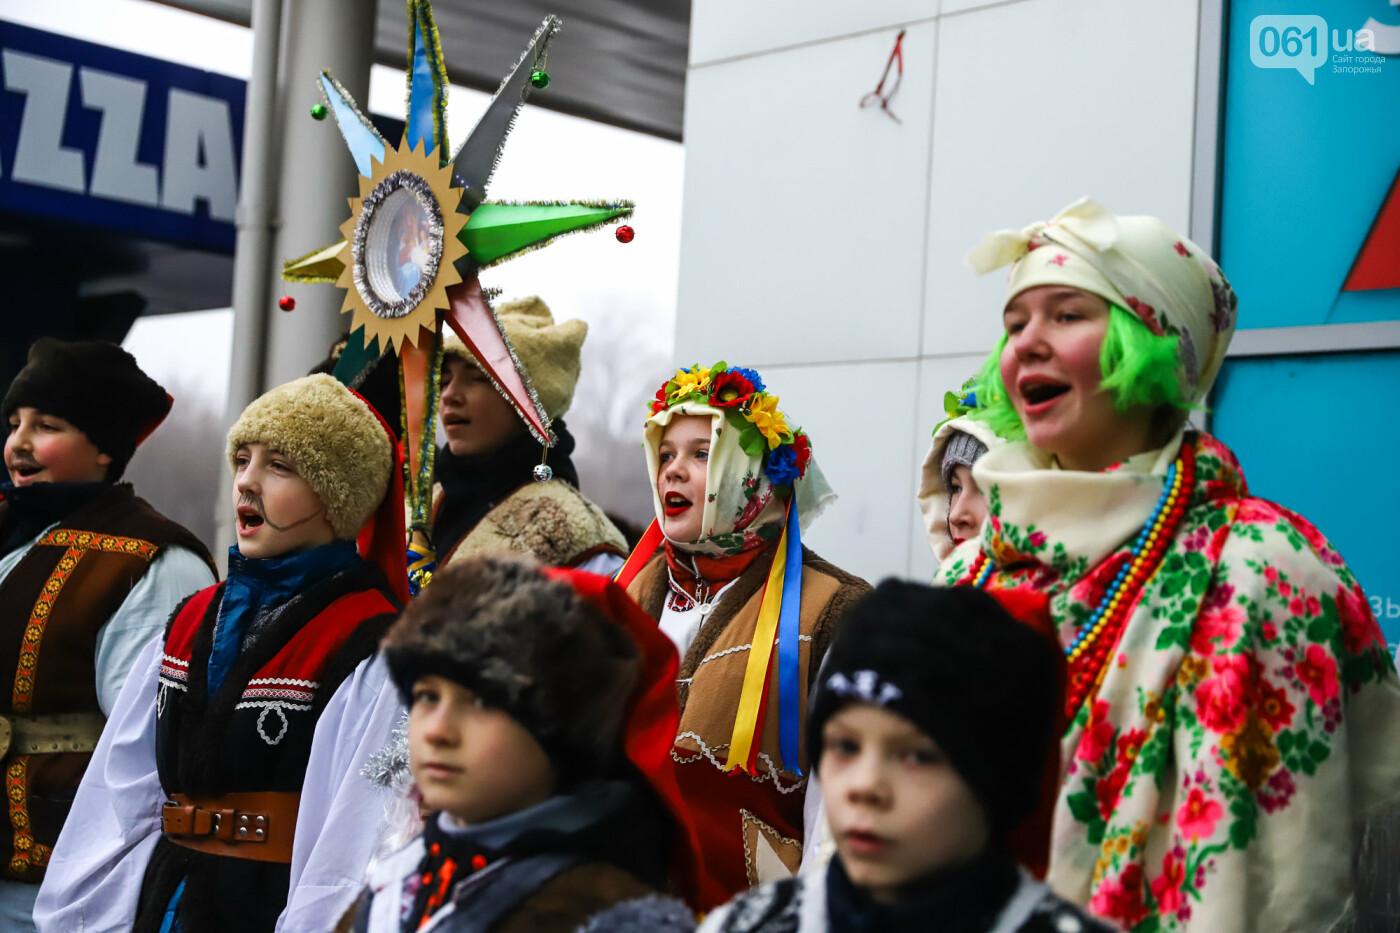 Нечистая сила против казаков: на улицах Запорожья показывали Рождественский вертеп, - ФОТО, ВИДЕО  , фото-27